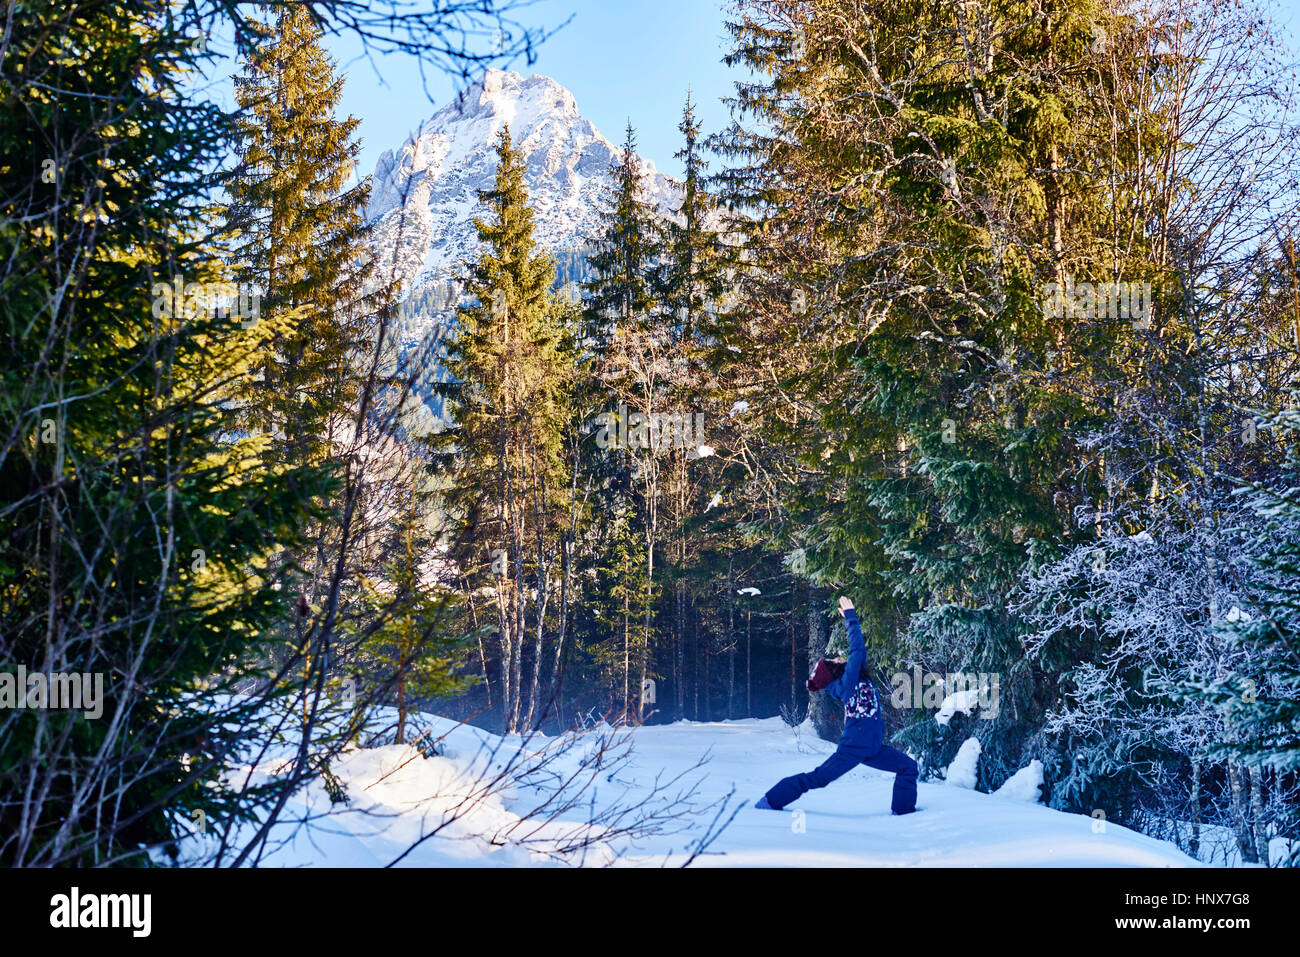 Frau in Winterkleidung üben Krieger Yoga-Pose im verschneiten Wald, Österreich Stockbild